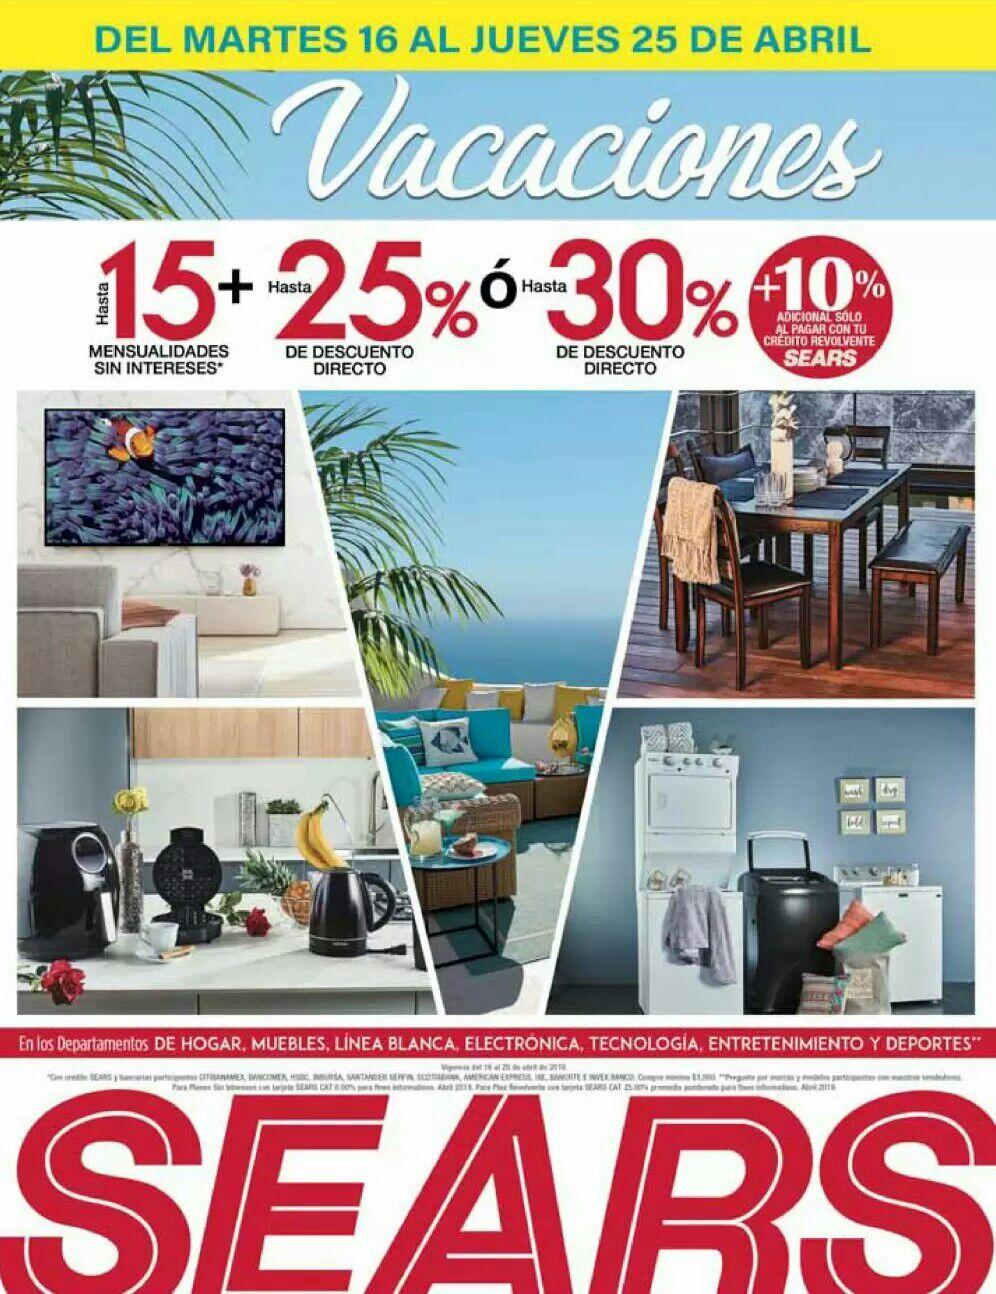 Sears: Hasta 15 MSI + Hasta 25% desc. directo... ó... Hasta 30% de desc. directo + Hasta 10% adic. con crédito revolvente